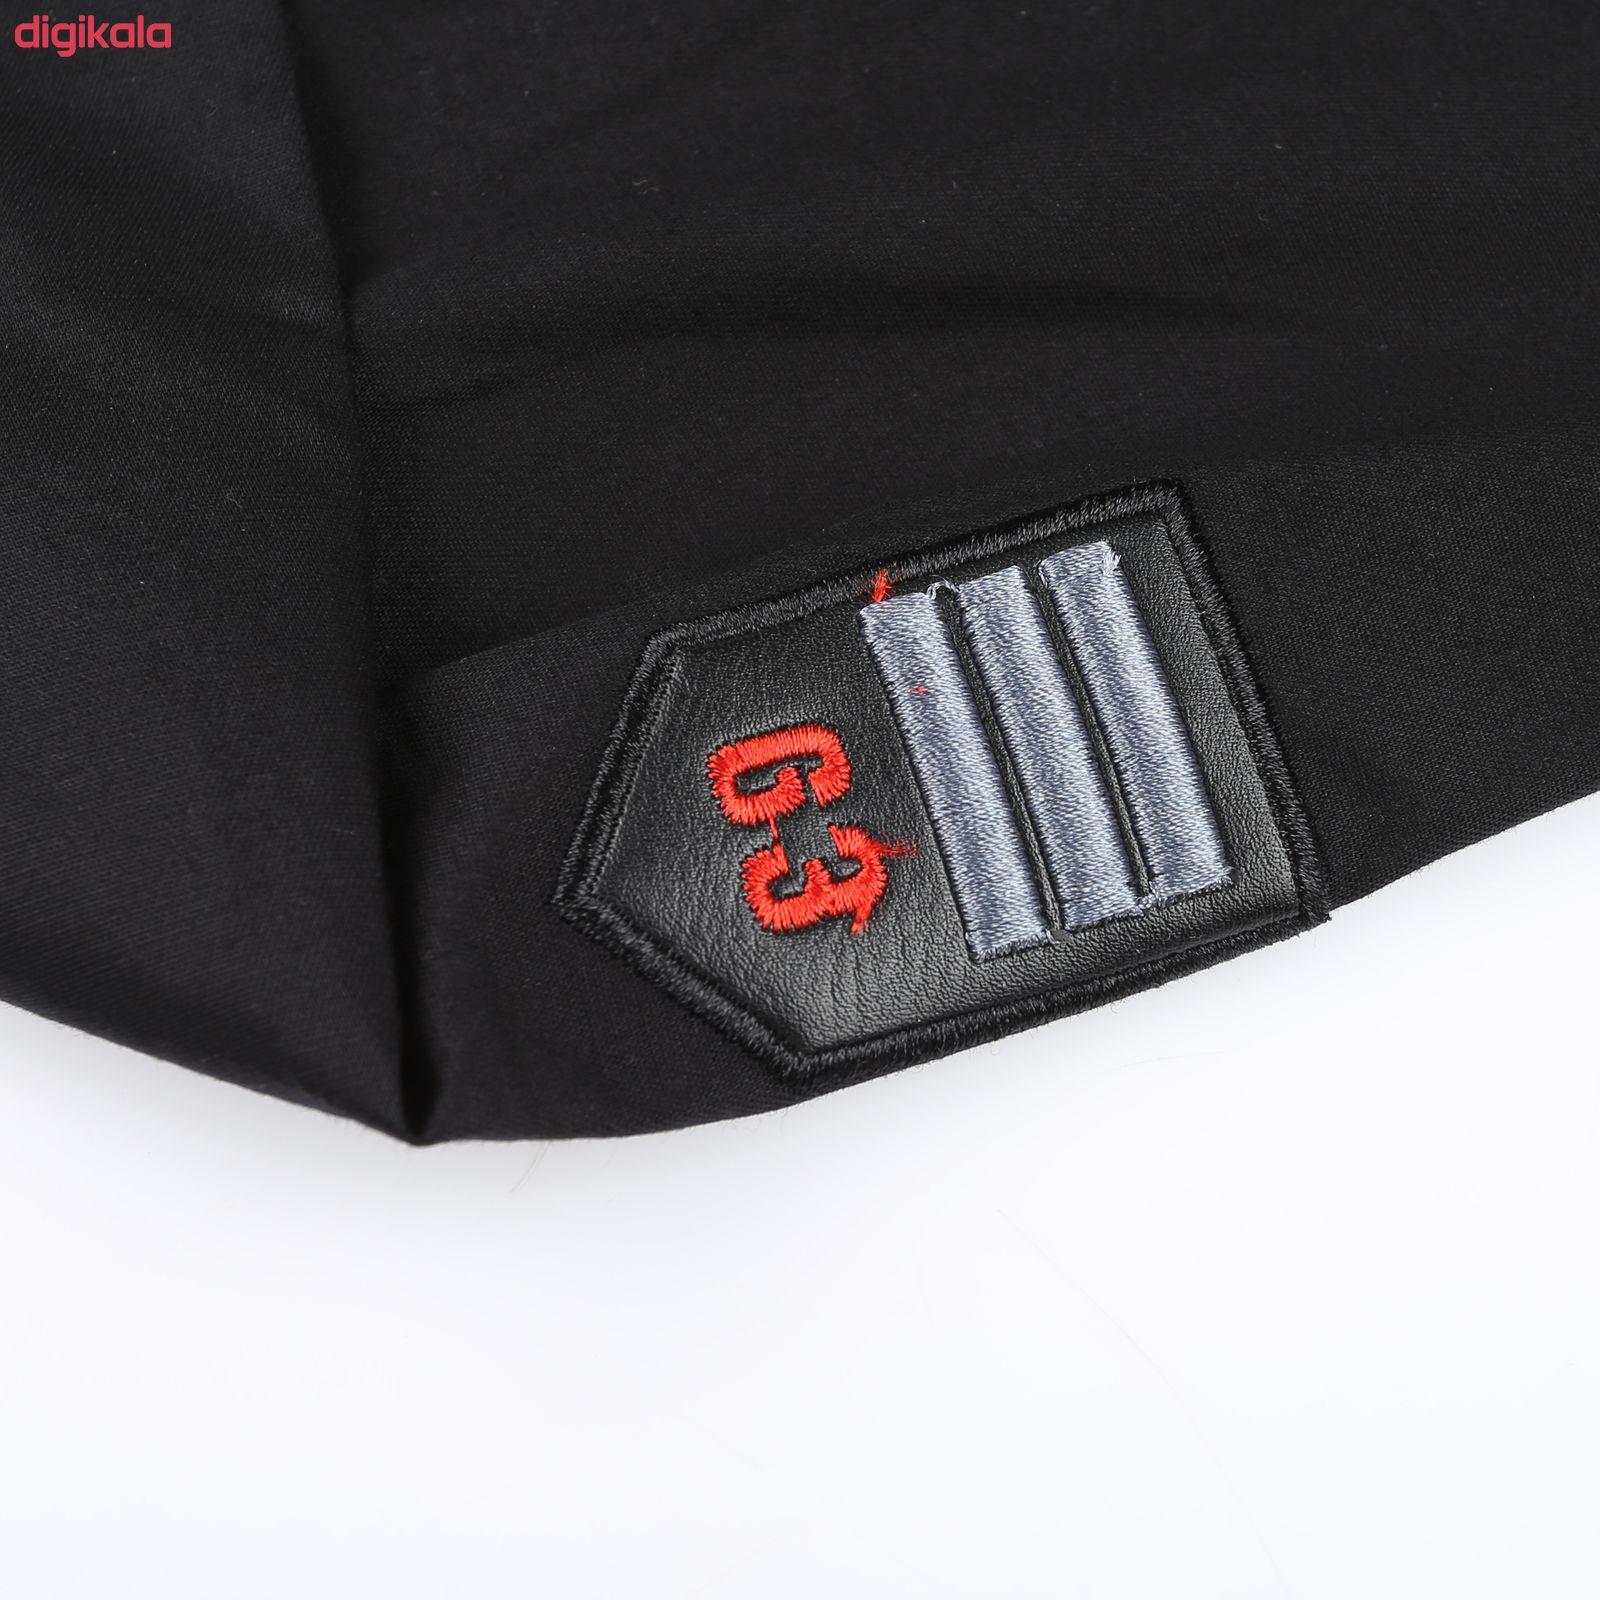 پیراهن پسرانه ناوالس کد 20119-BK main 1 3